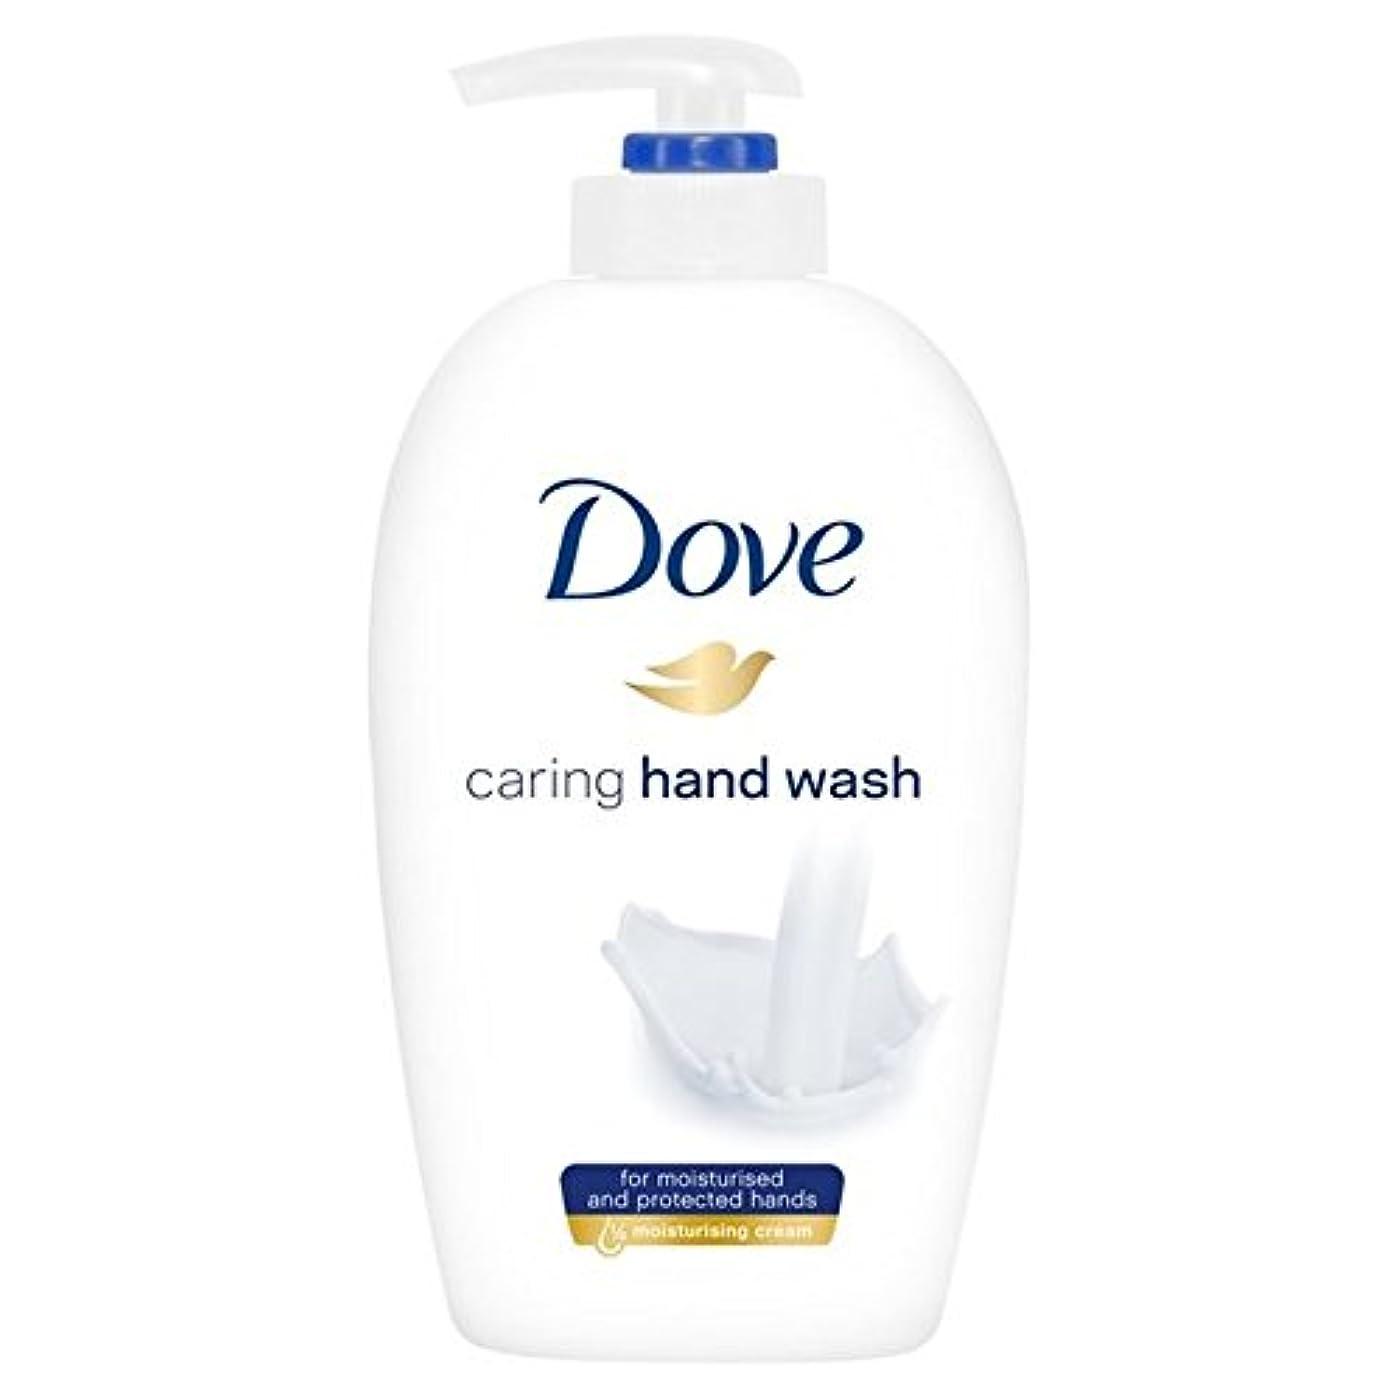 方程式アパート基礎鳩思いやり手洗い250ミリリットル x4 - Dove Caring Hand Wash 250ml (Pack of 4) [並行輸入品]